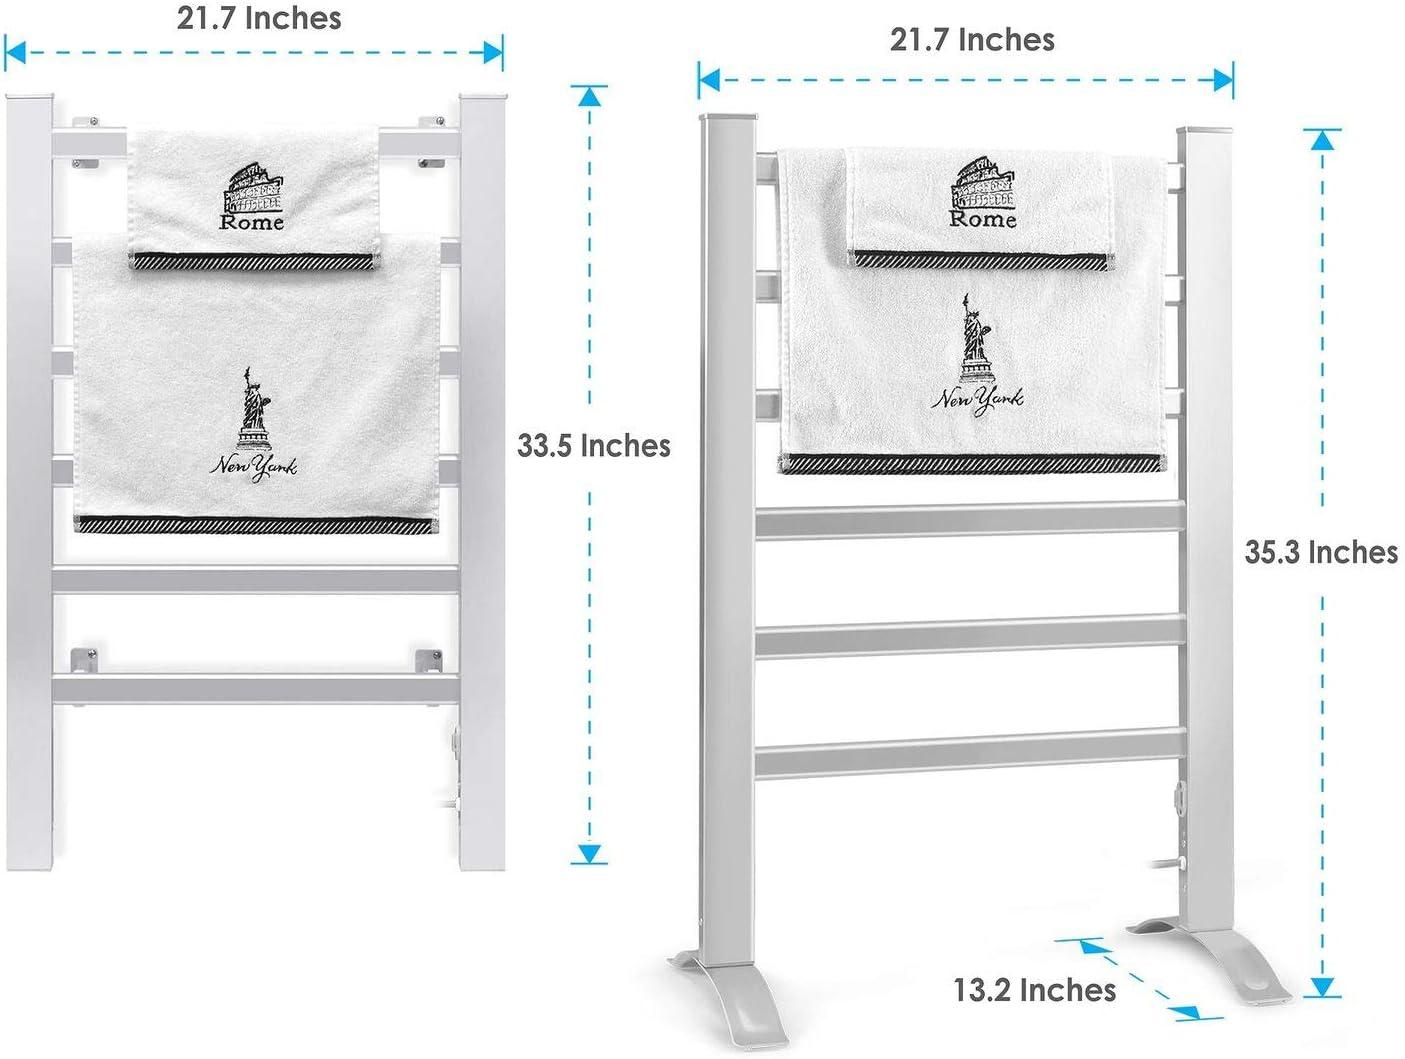 INNOKA Freestanding and Wall Mounted Heated Towel Drying Rack